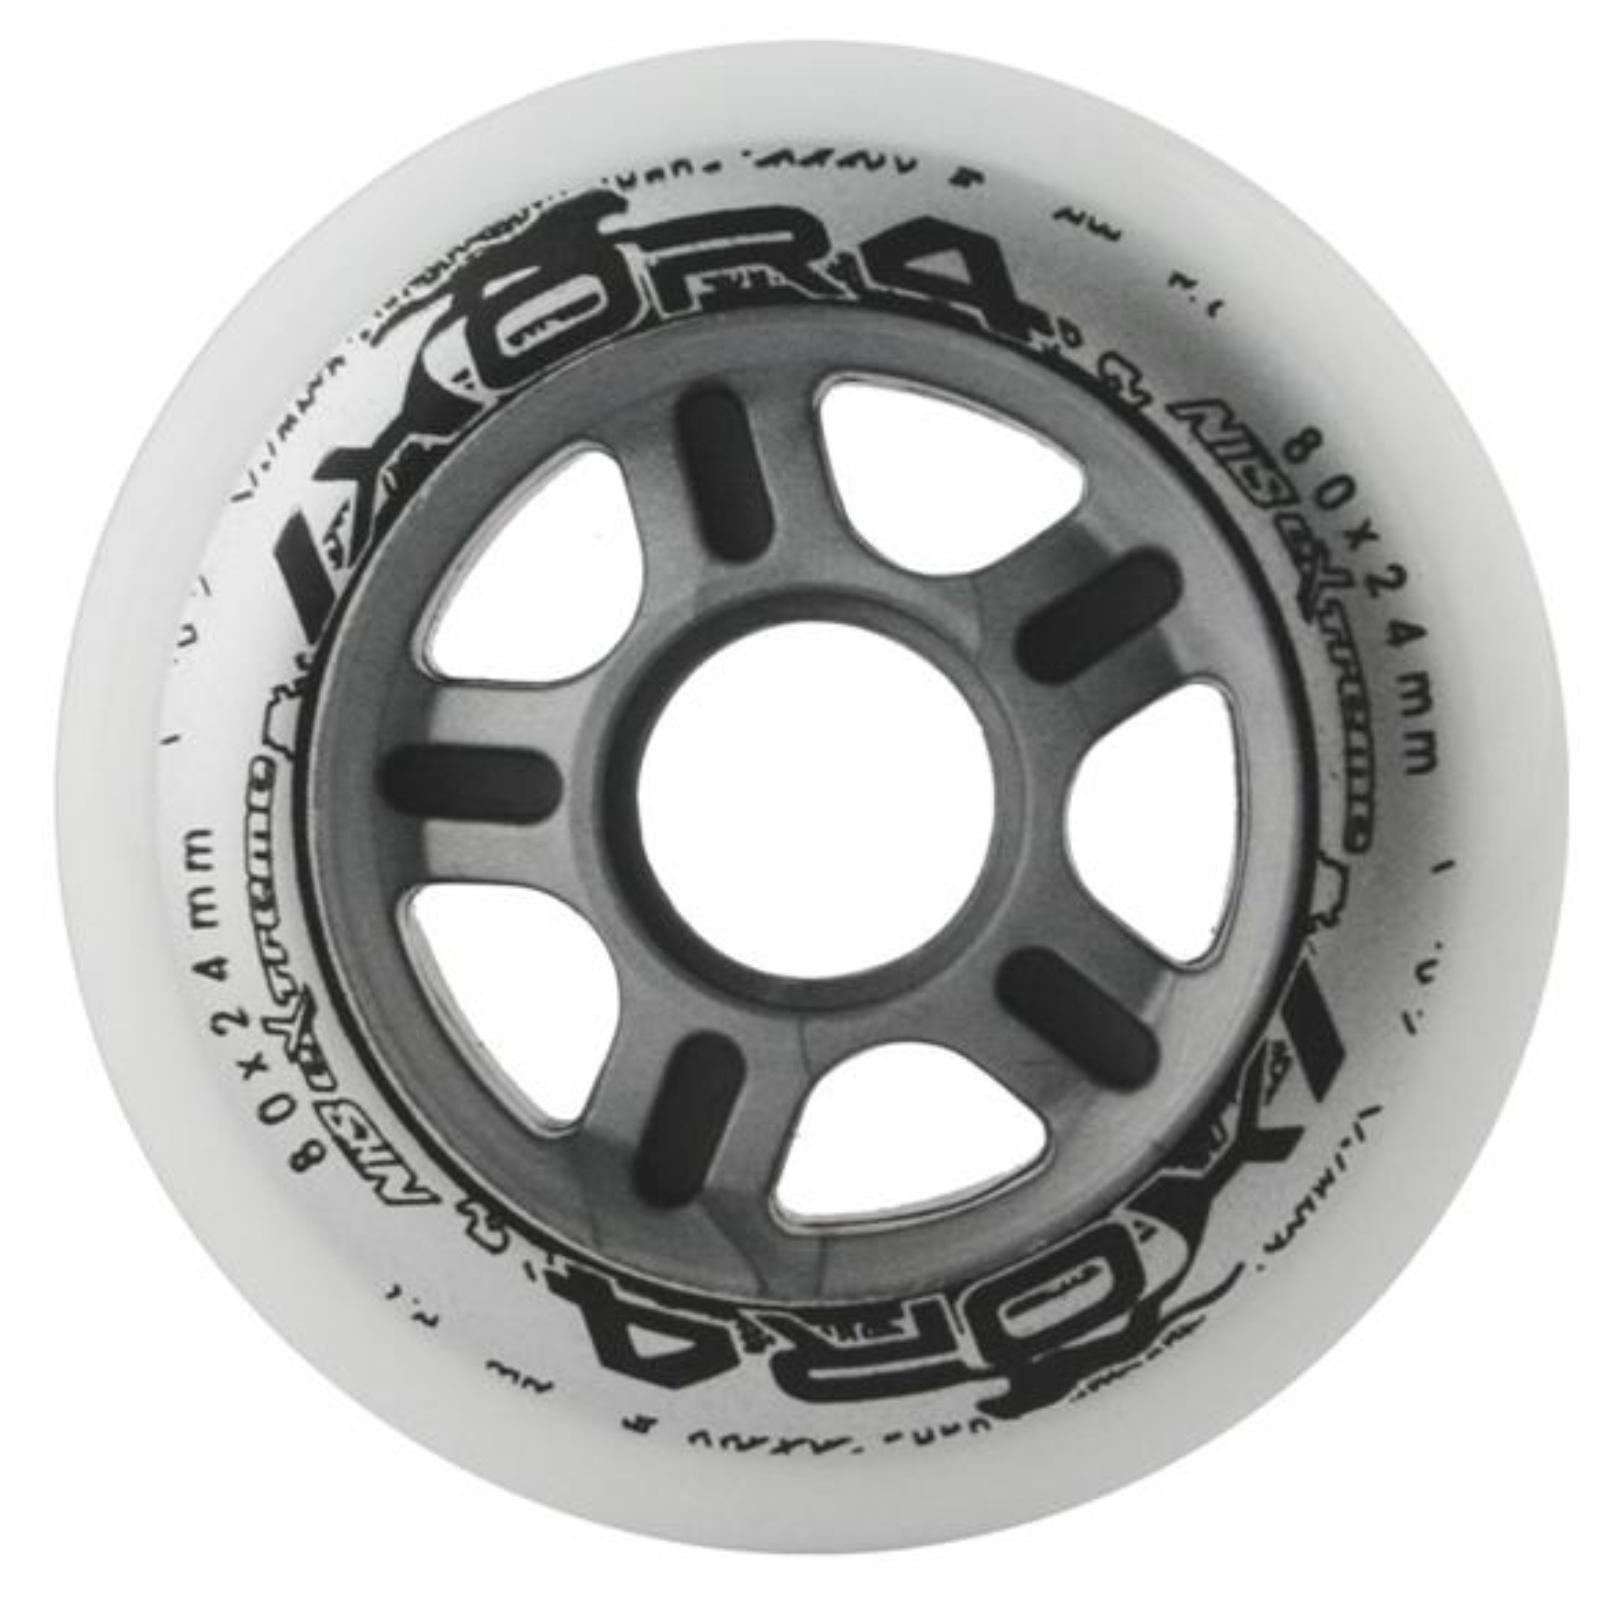 Kolečka NILS Extreme 80 x 24 mm - bílé